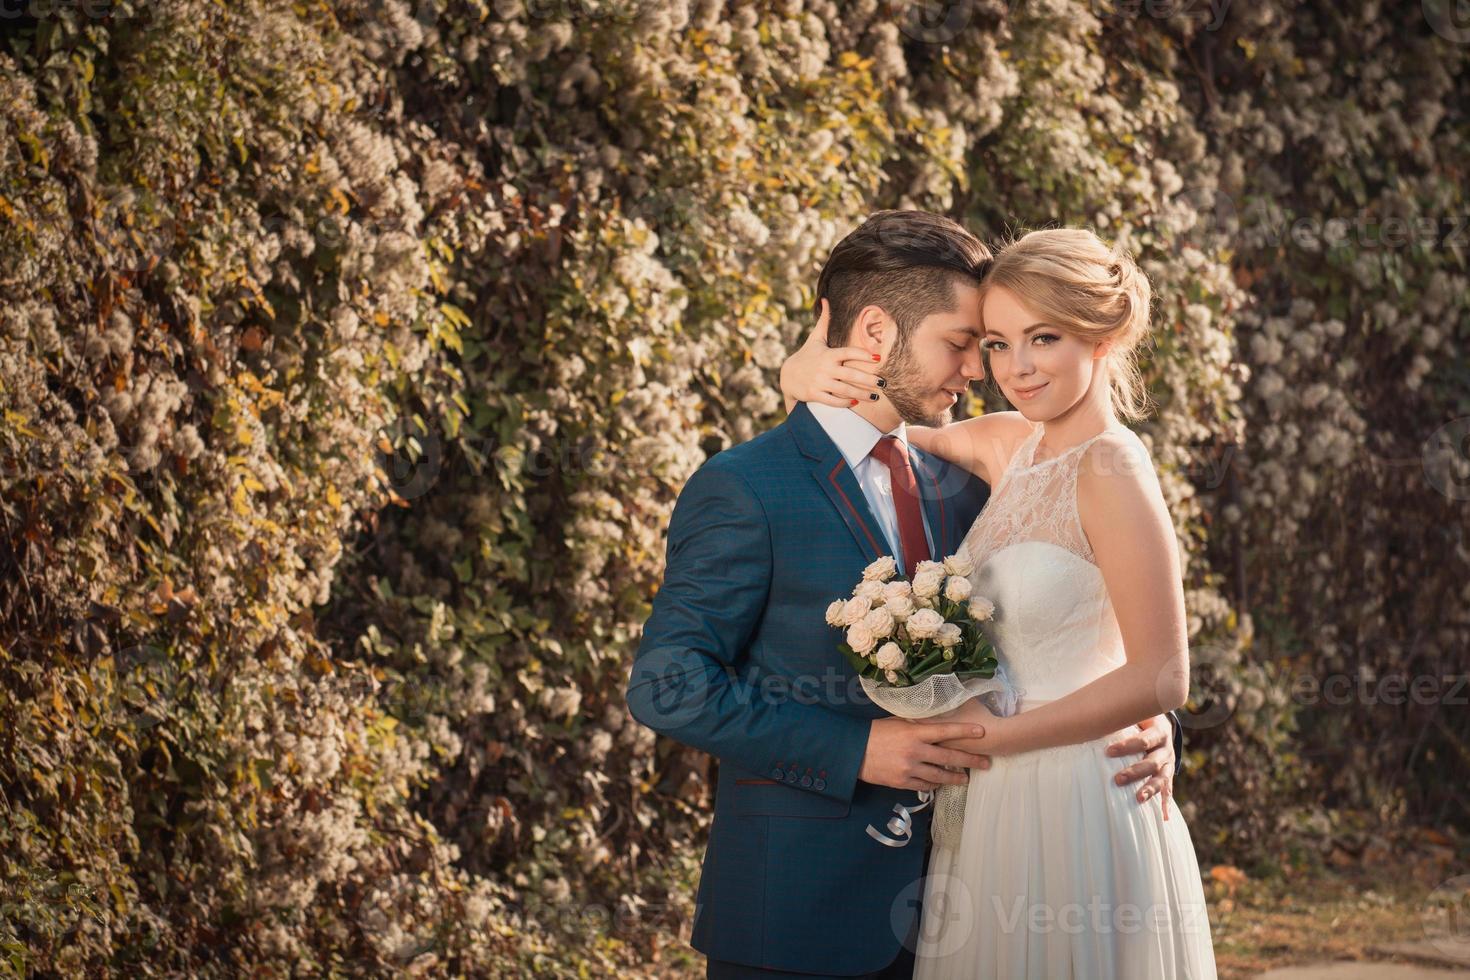 romantiska bröllopspar som omfamnar varandra foto